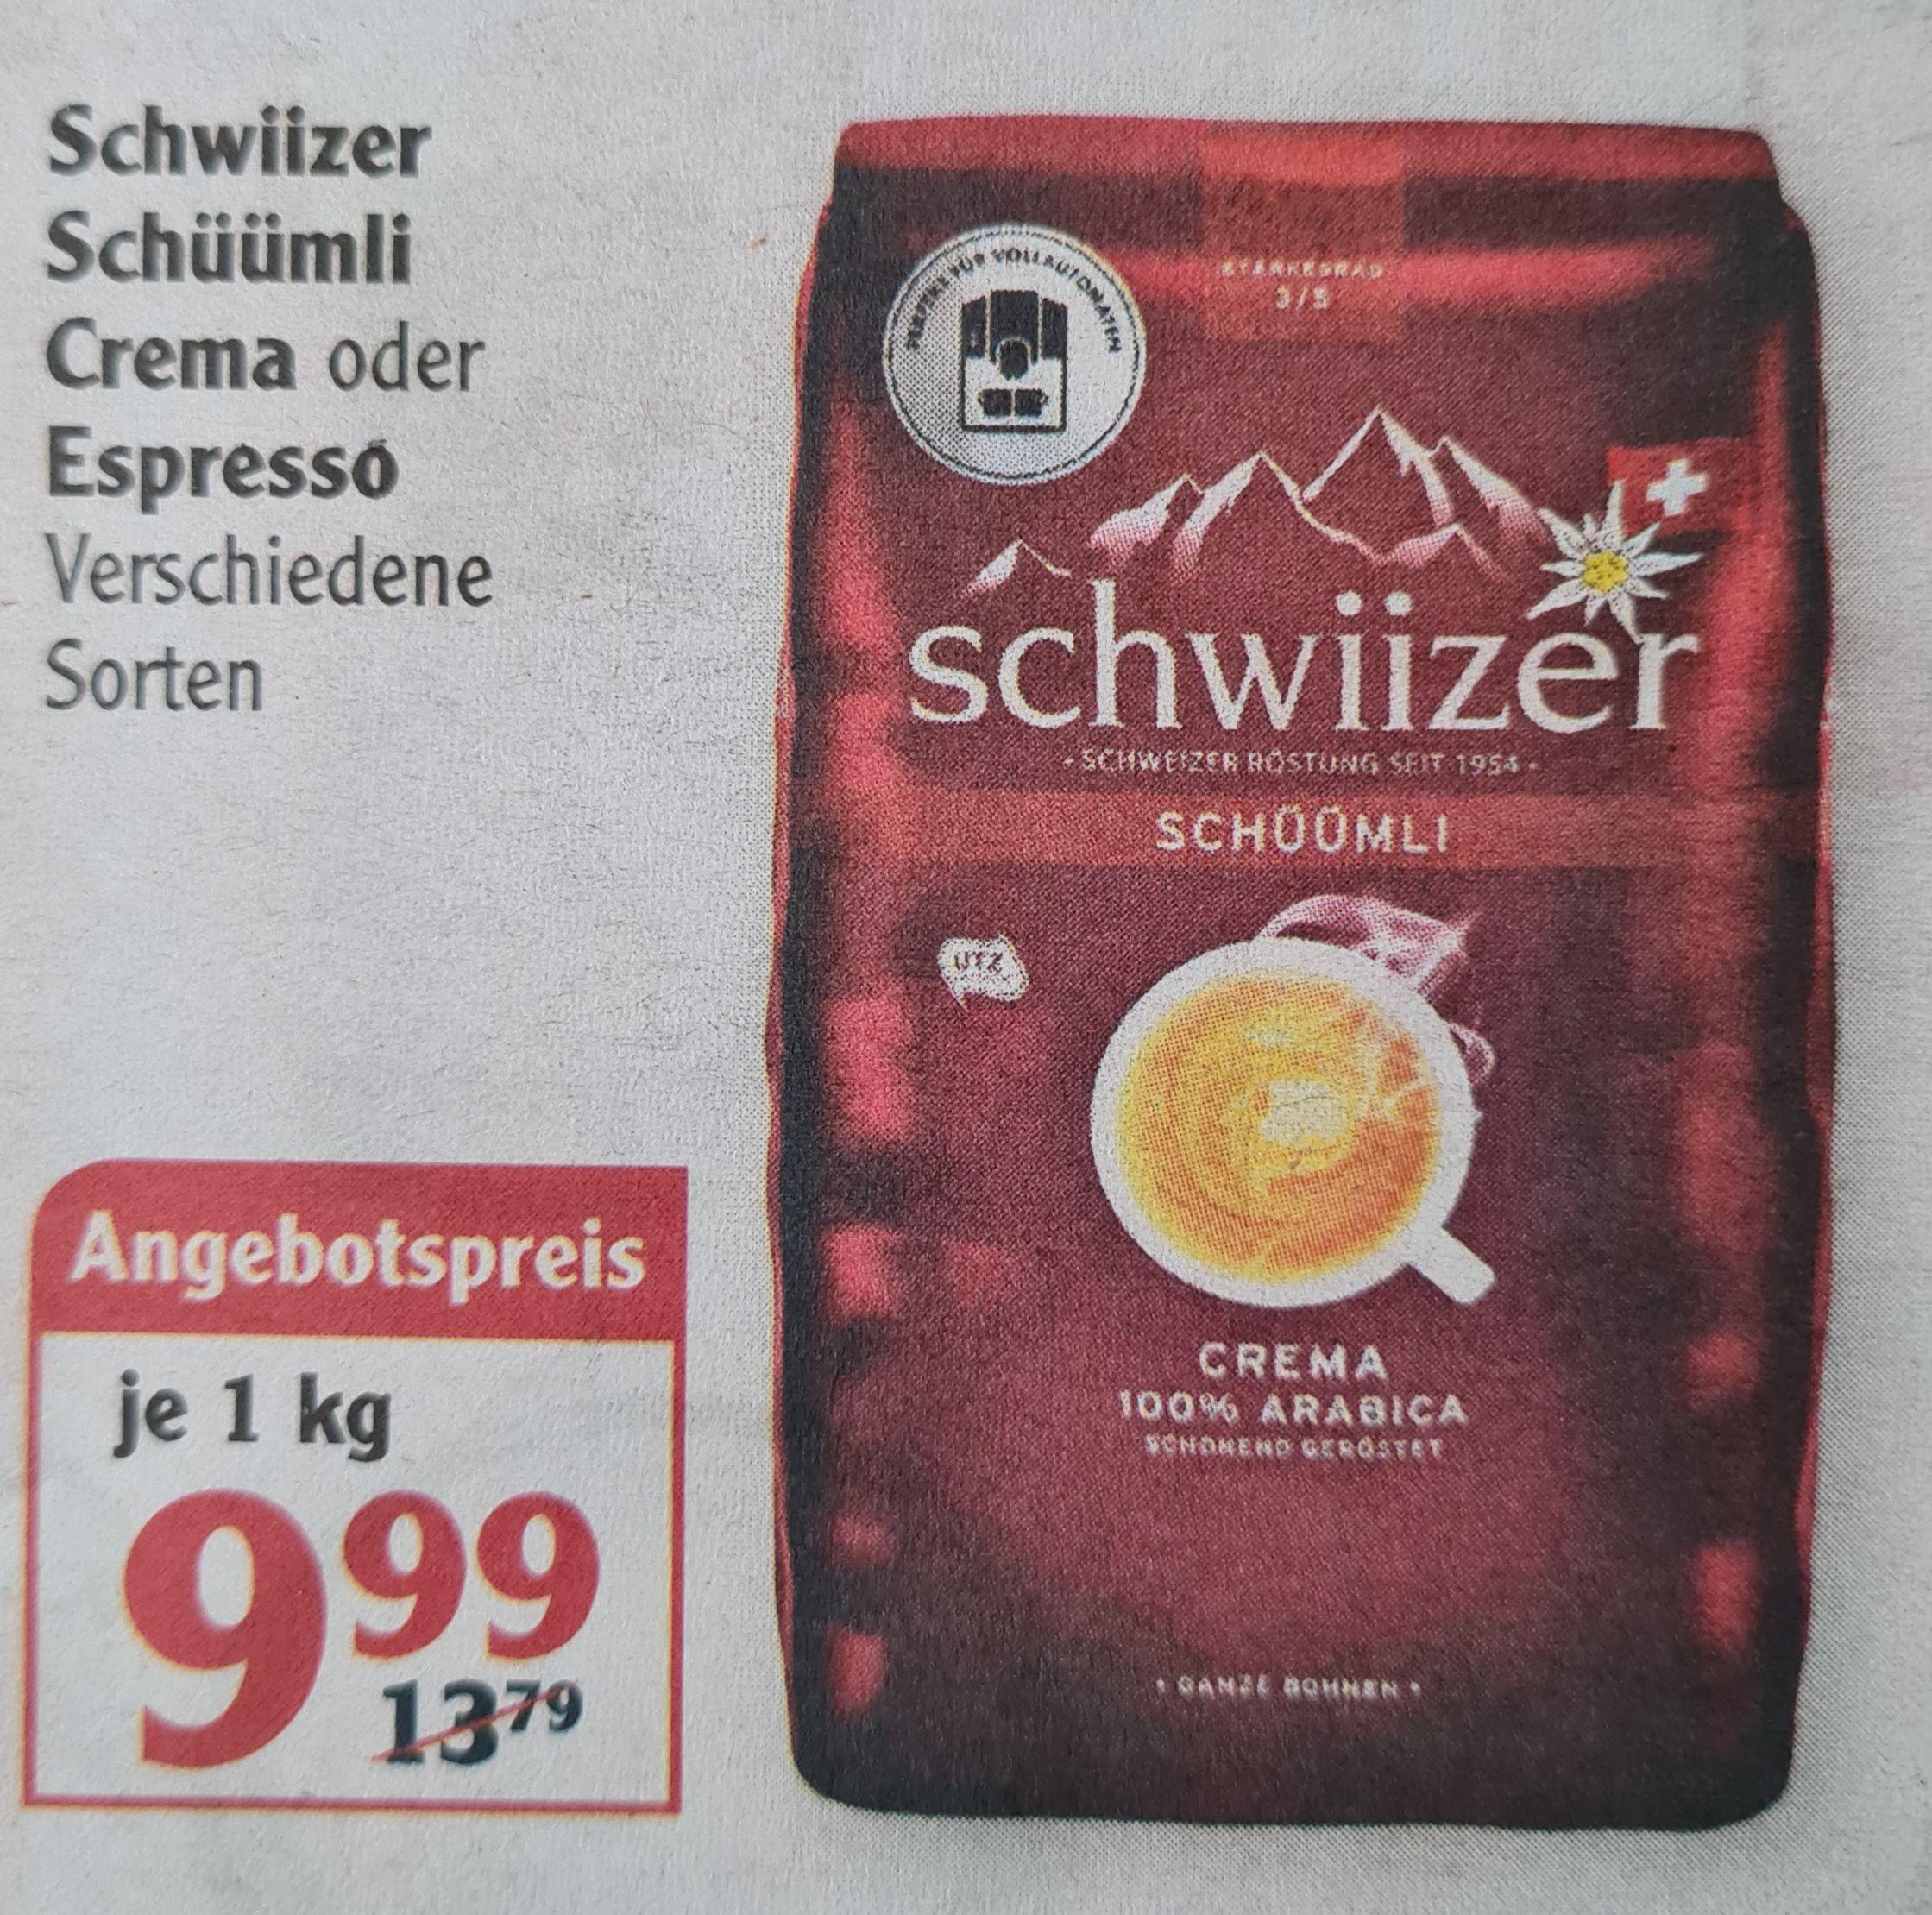 Schwiizer Schüümli Crema oder Espresso 1000 g Bohnenkaffee verschiedene Sorten ab 03.05 Globus